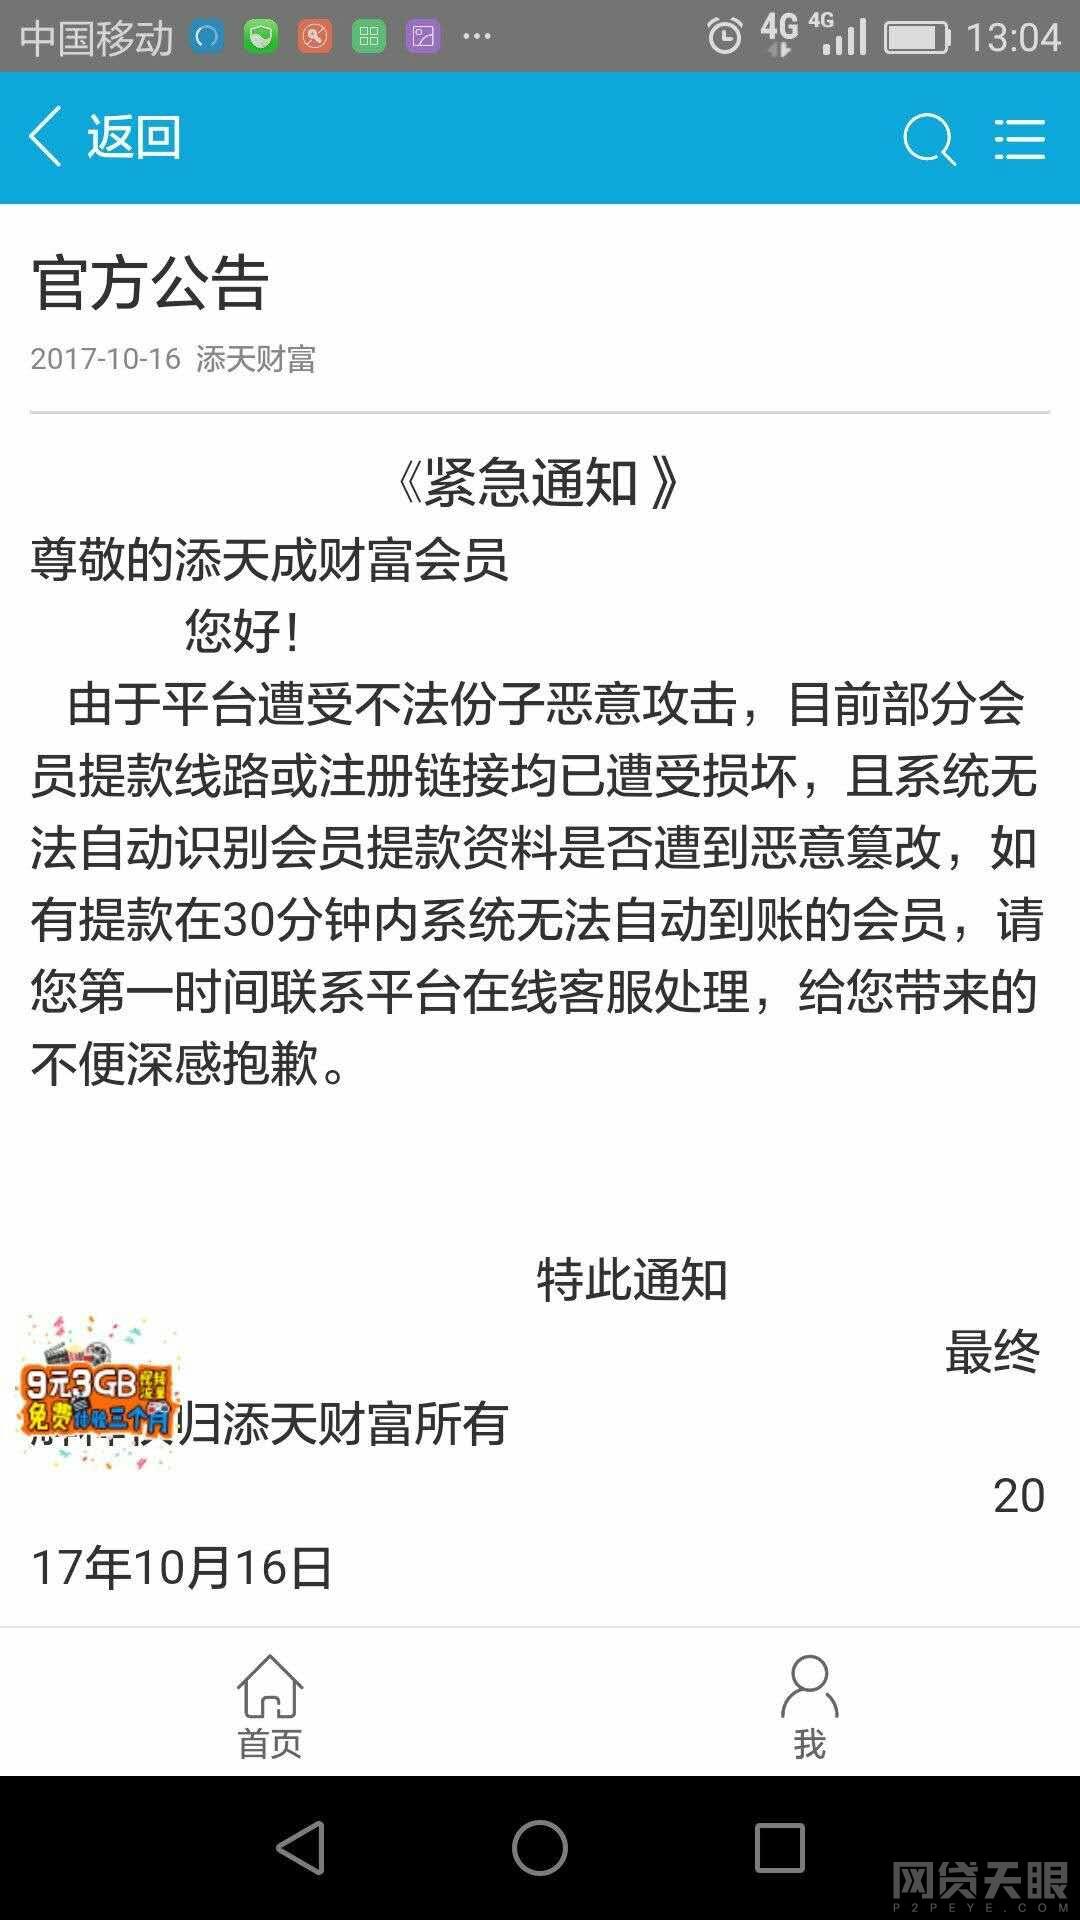 """中国首家以""""改革开放""""为主题的博物馆将开馆"""